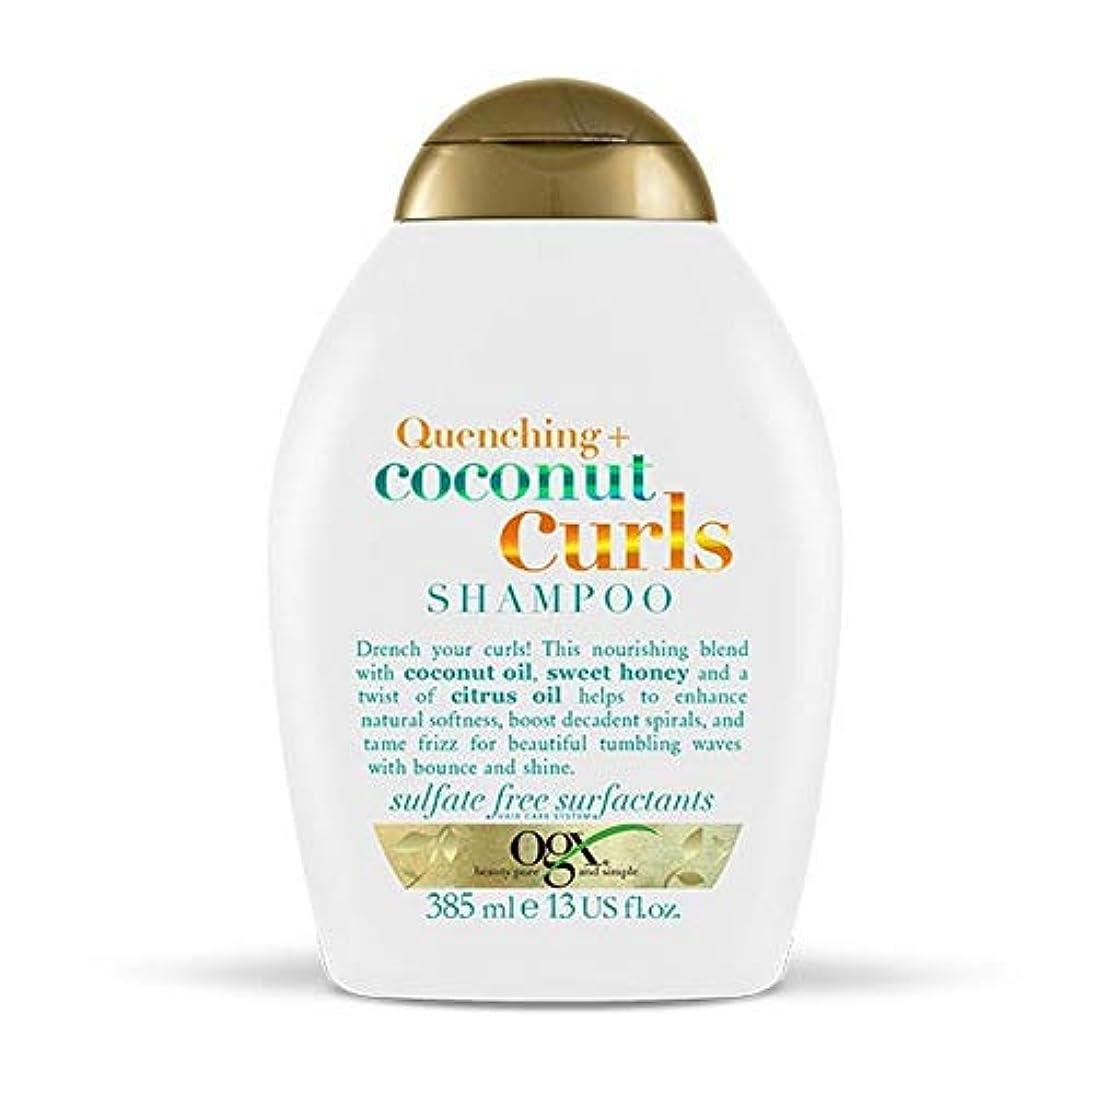 交差点未満出撃者[Ogx] Ogx消光ココナッツカールシャンプー385ミリリットル - OGX Quenching Coconut Curls Shampoo 385ml [並行輸入品]